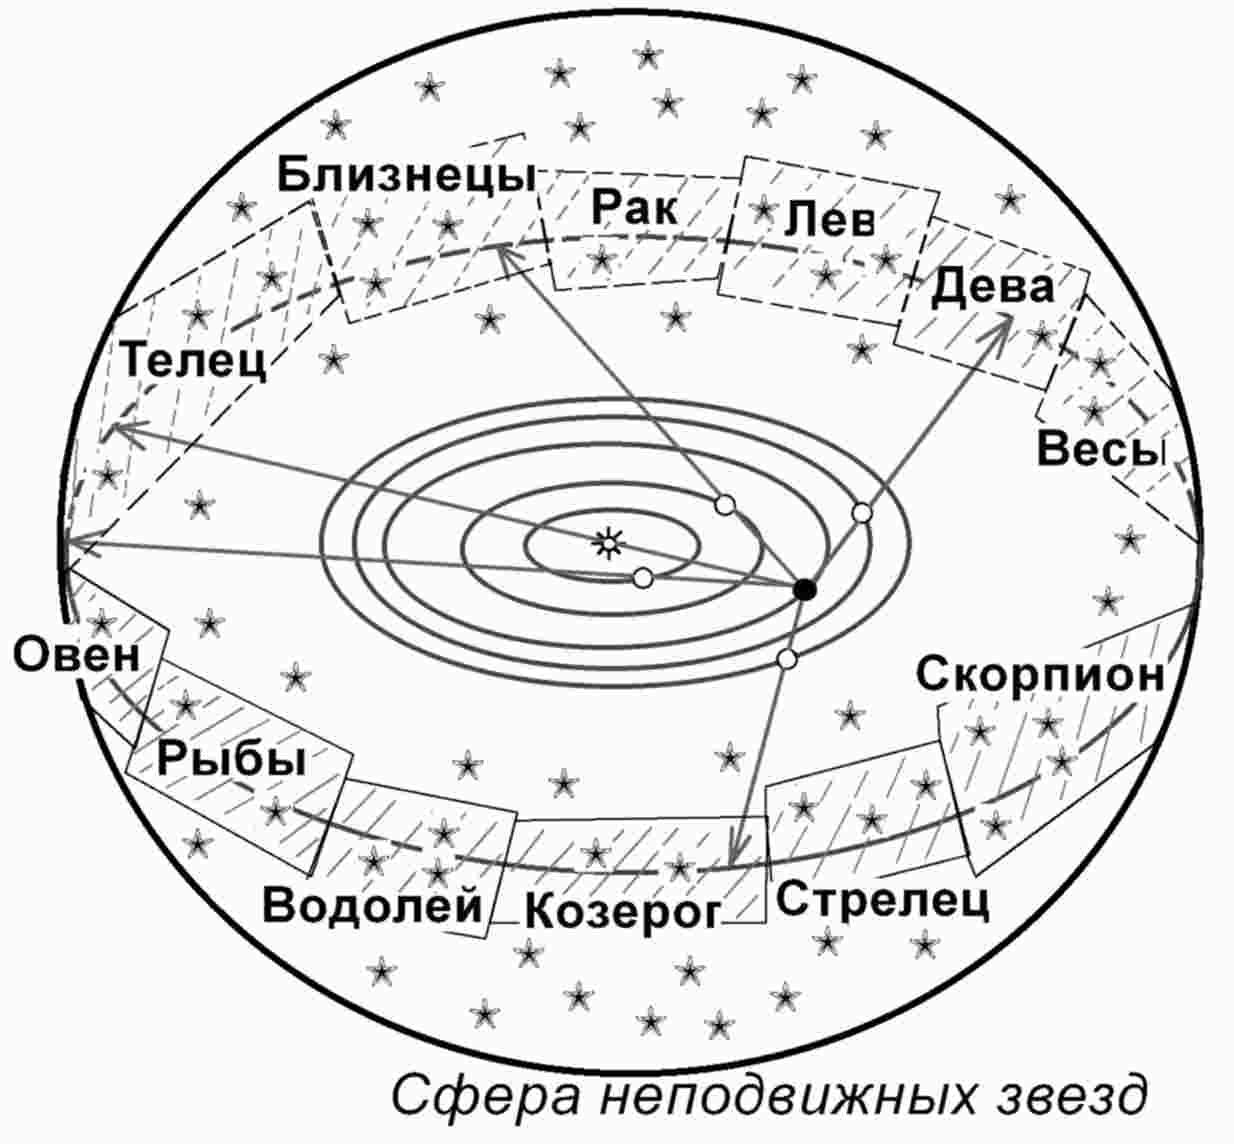 http://s6.uploads.ru/x94Pm.jpg